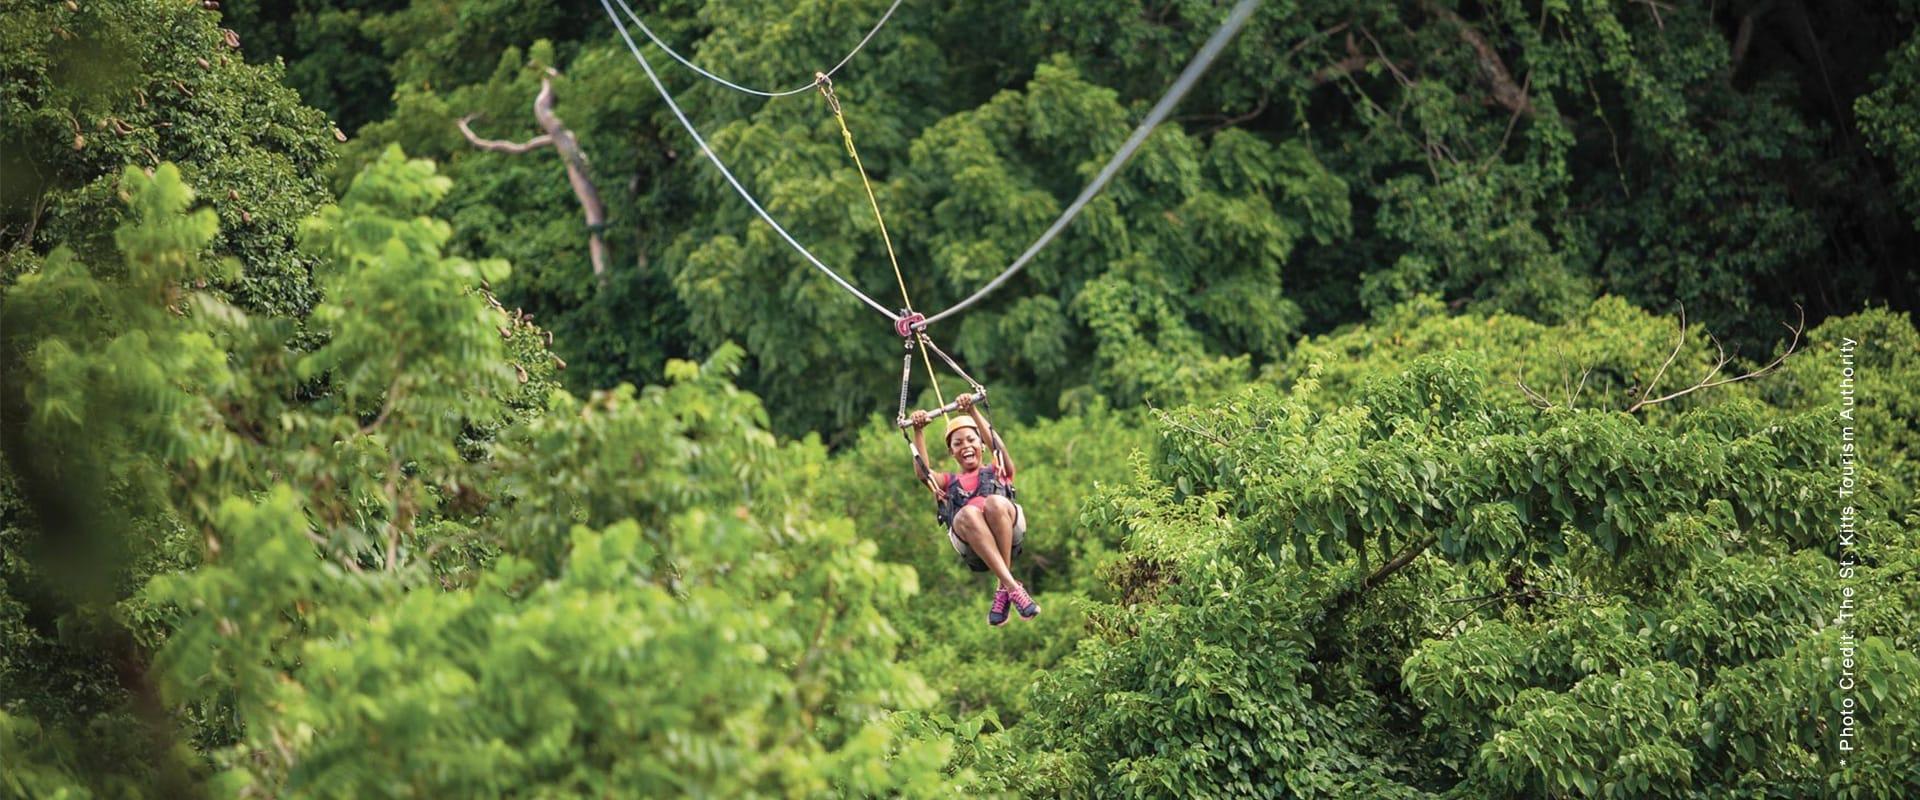 Ziplining in St. Kitts Rainforest